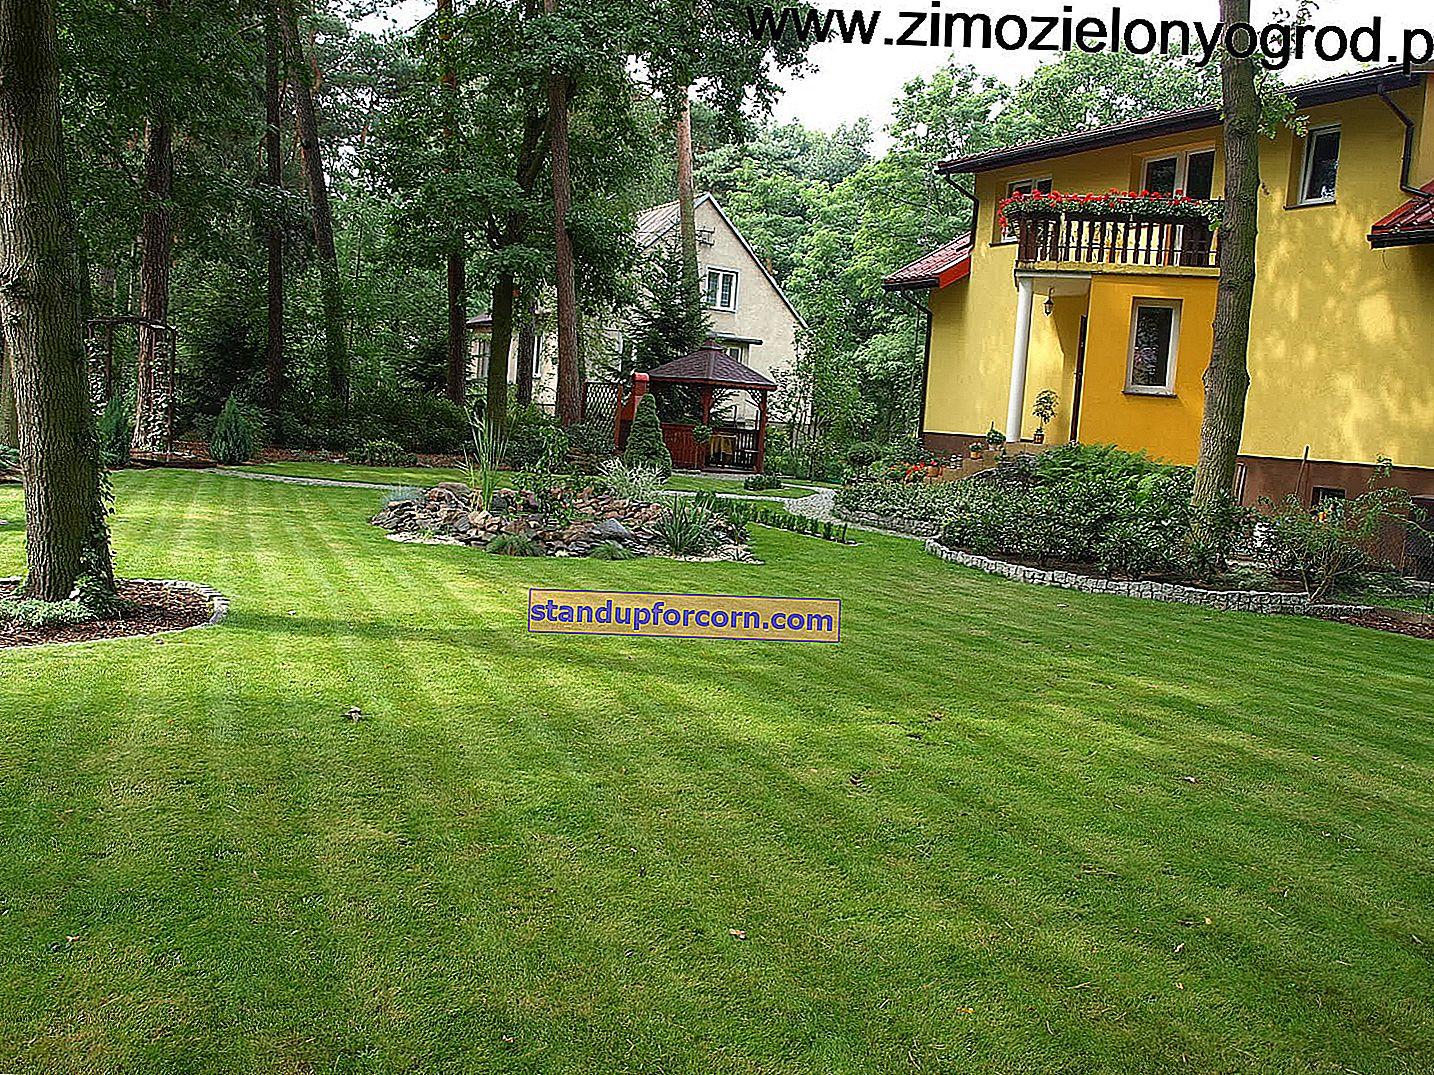 Den siste klippingen av gresset før vinteren. Når og i hvilken høyde?